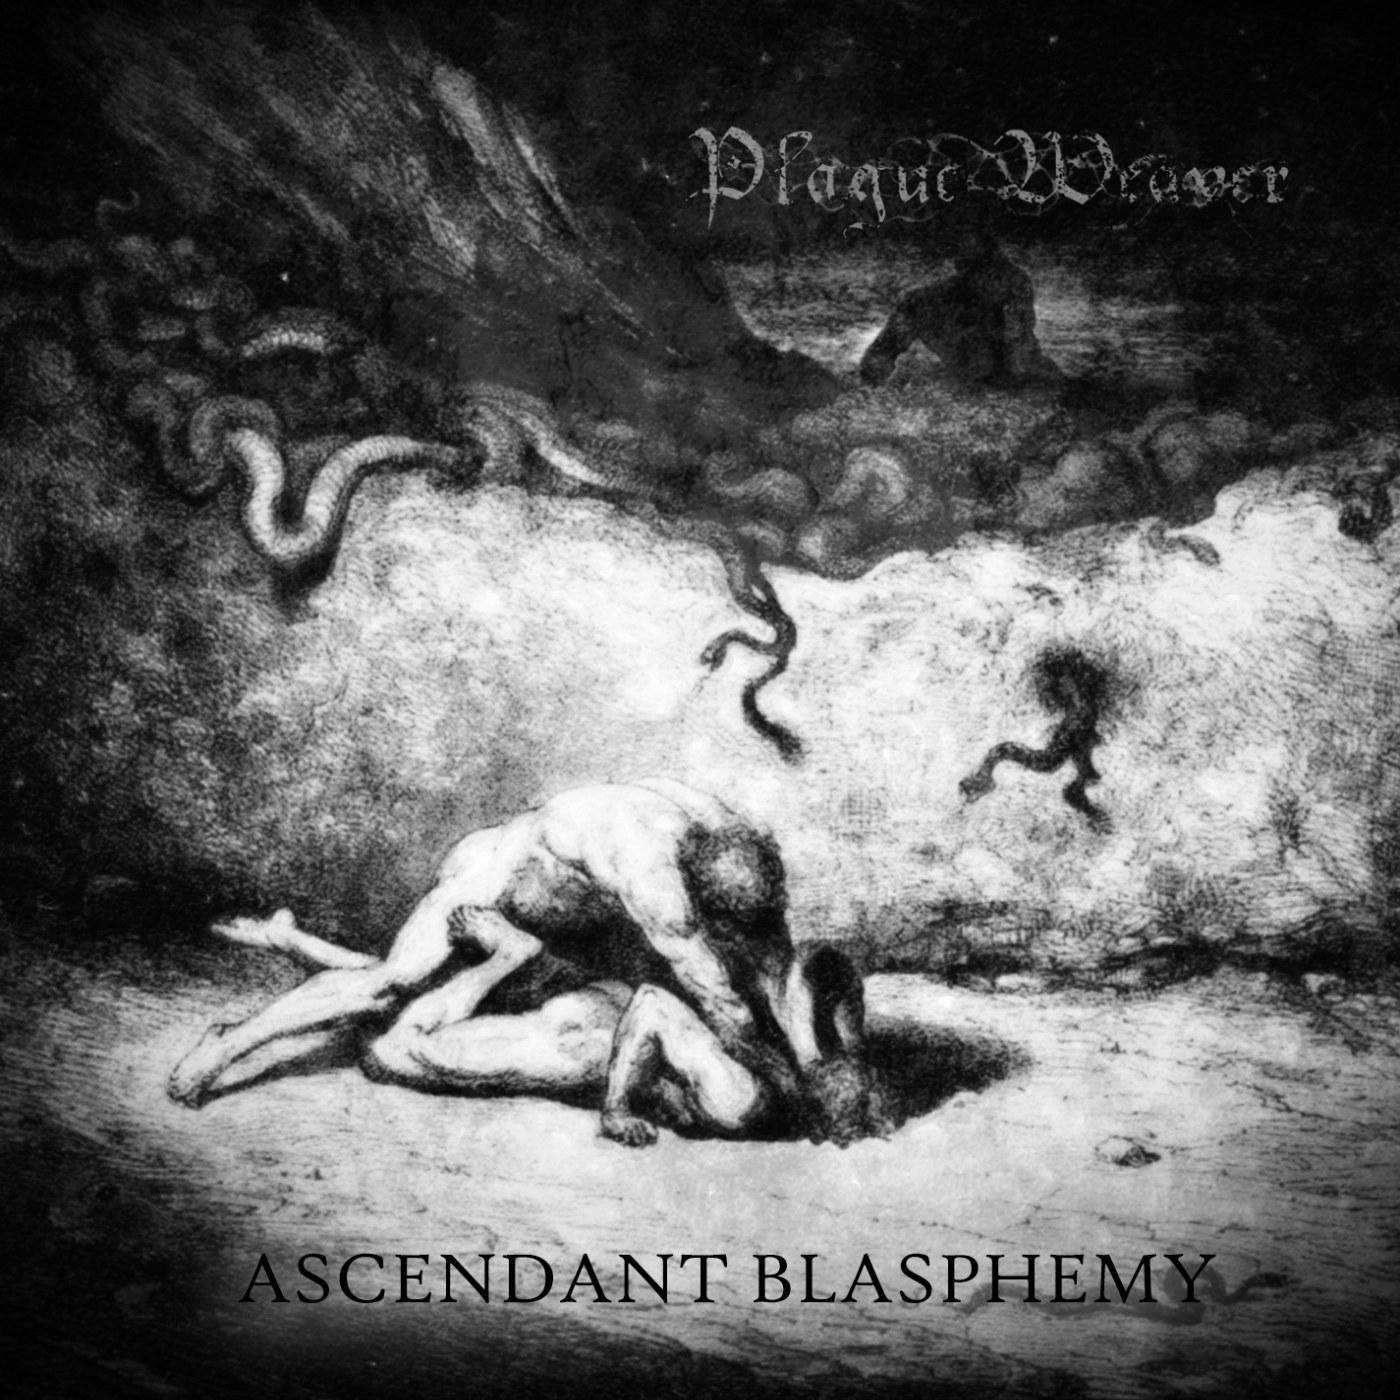 Plague Weaver - Ascendant Blasphemy